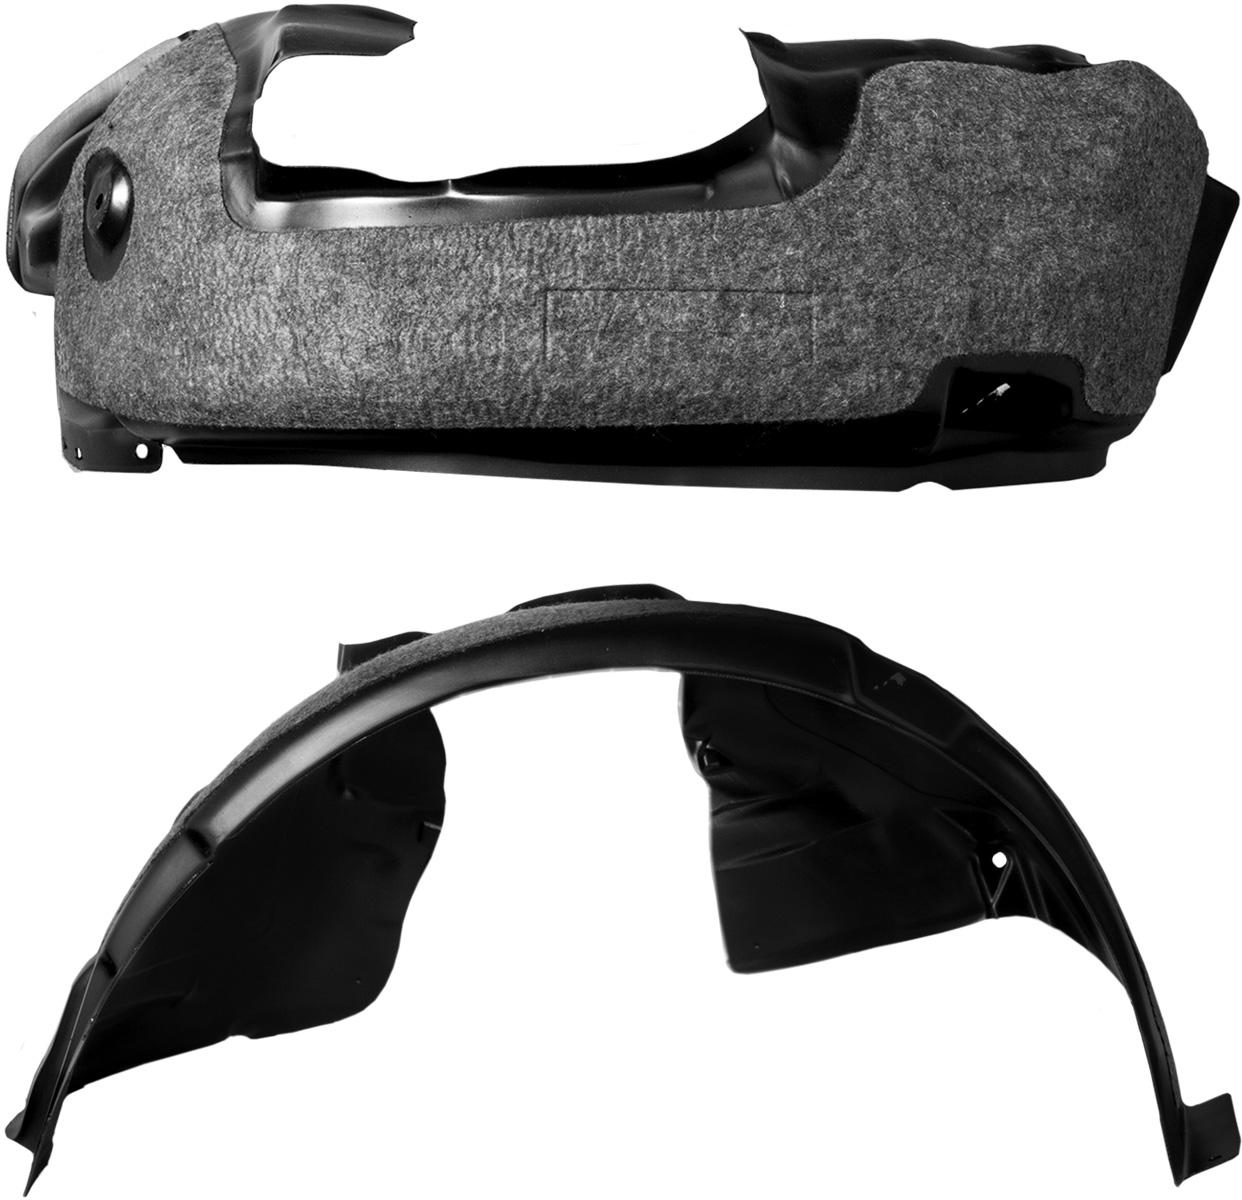 Подкрылок с шумоизоляцией Novline-Autofamily, для Peugeot Boxer, 08/2014 ->, без/с расширителями арок (задний правый)DW90Подкрылок с шумоизоляцией - революционный продукт, совмещающий в себе все достоинства обычного подкрылка, и в то же время являющийся одним из наиболее эффективных средств борьбы с внешним шумом в салоне автомобиля. Подкрылки бренда Novline-Autofamily разрабатываются индивидуально для каждого автомобиля с использованием метода 3D-сканирования.В качестве шумоизолирующего слоя применяется легкое синтетическое нетканое полотно толщиной 10 мм, которое отталкивает влагу, сохраняет свои шумоизоляционные свойства на протяжении всего периода эксплуатации.Подкрылки с шумоизоляцией не имеют эксплуатационных ограничений и устанавливаются один раз на весь срок службы автомобиля.Подкрылки с шумоизоляцией не имеют аналогов и являются российским изобретением, получившим признание во всём мире. Уважаемые клиенты! Обращаем ваше внимание, фото может не полностью соответствовать оригиналу.